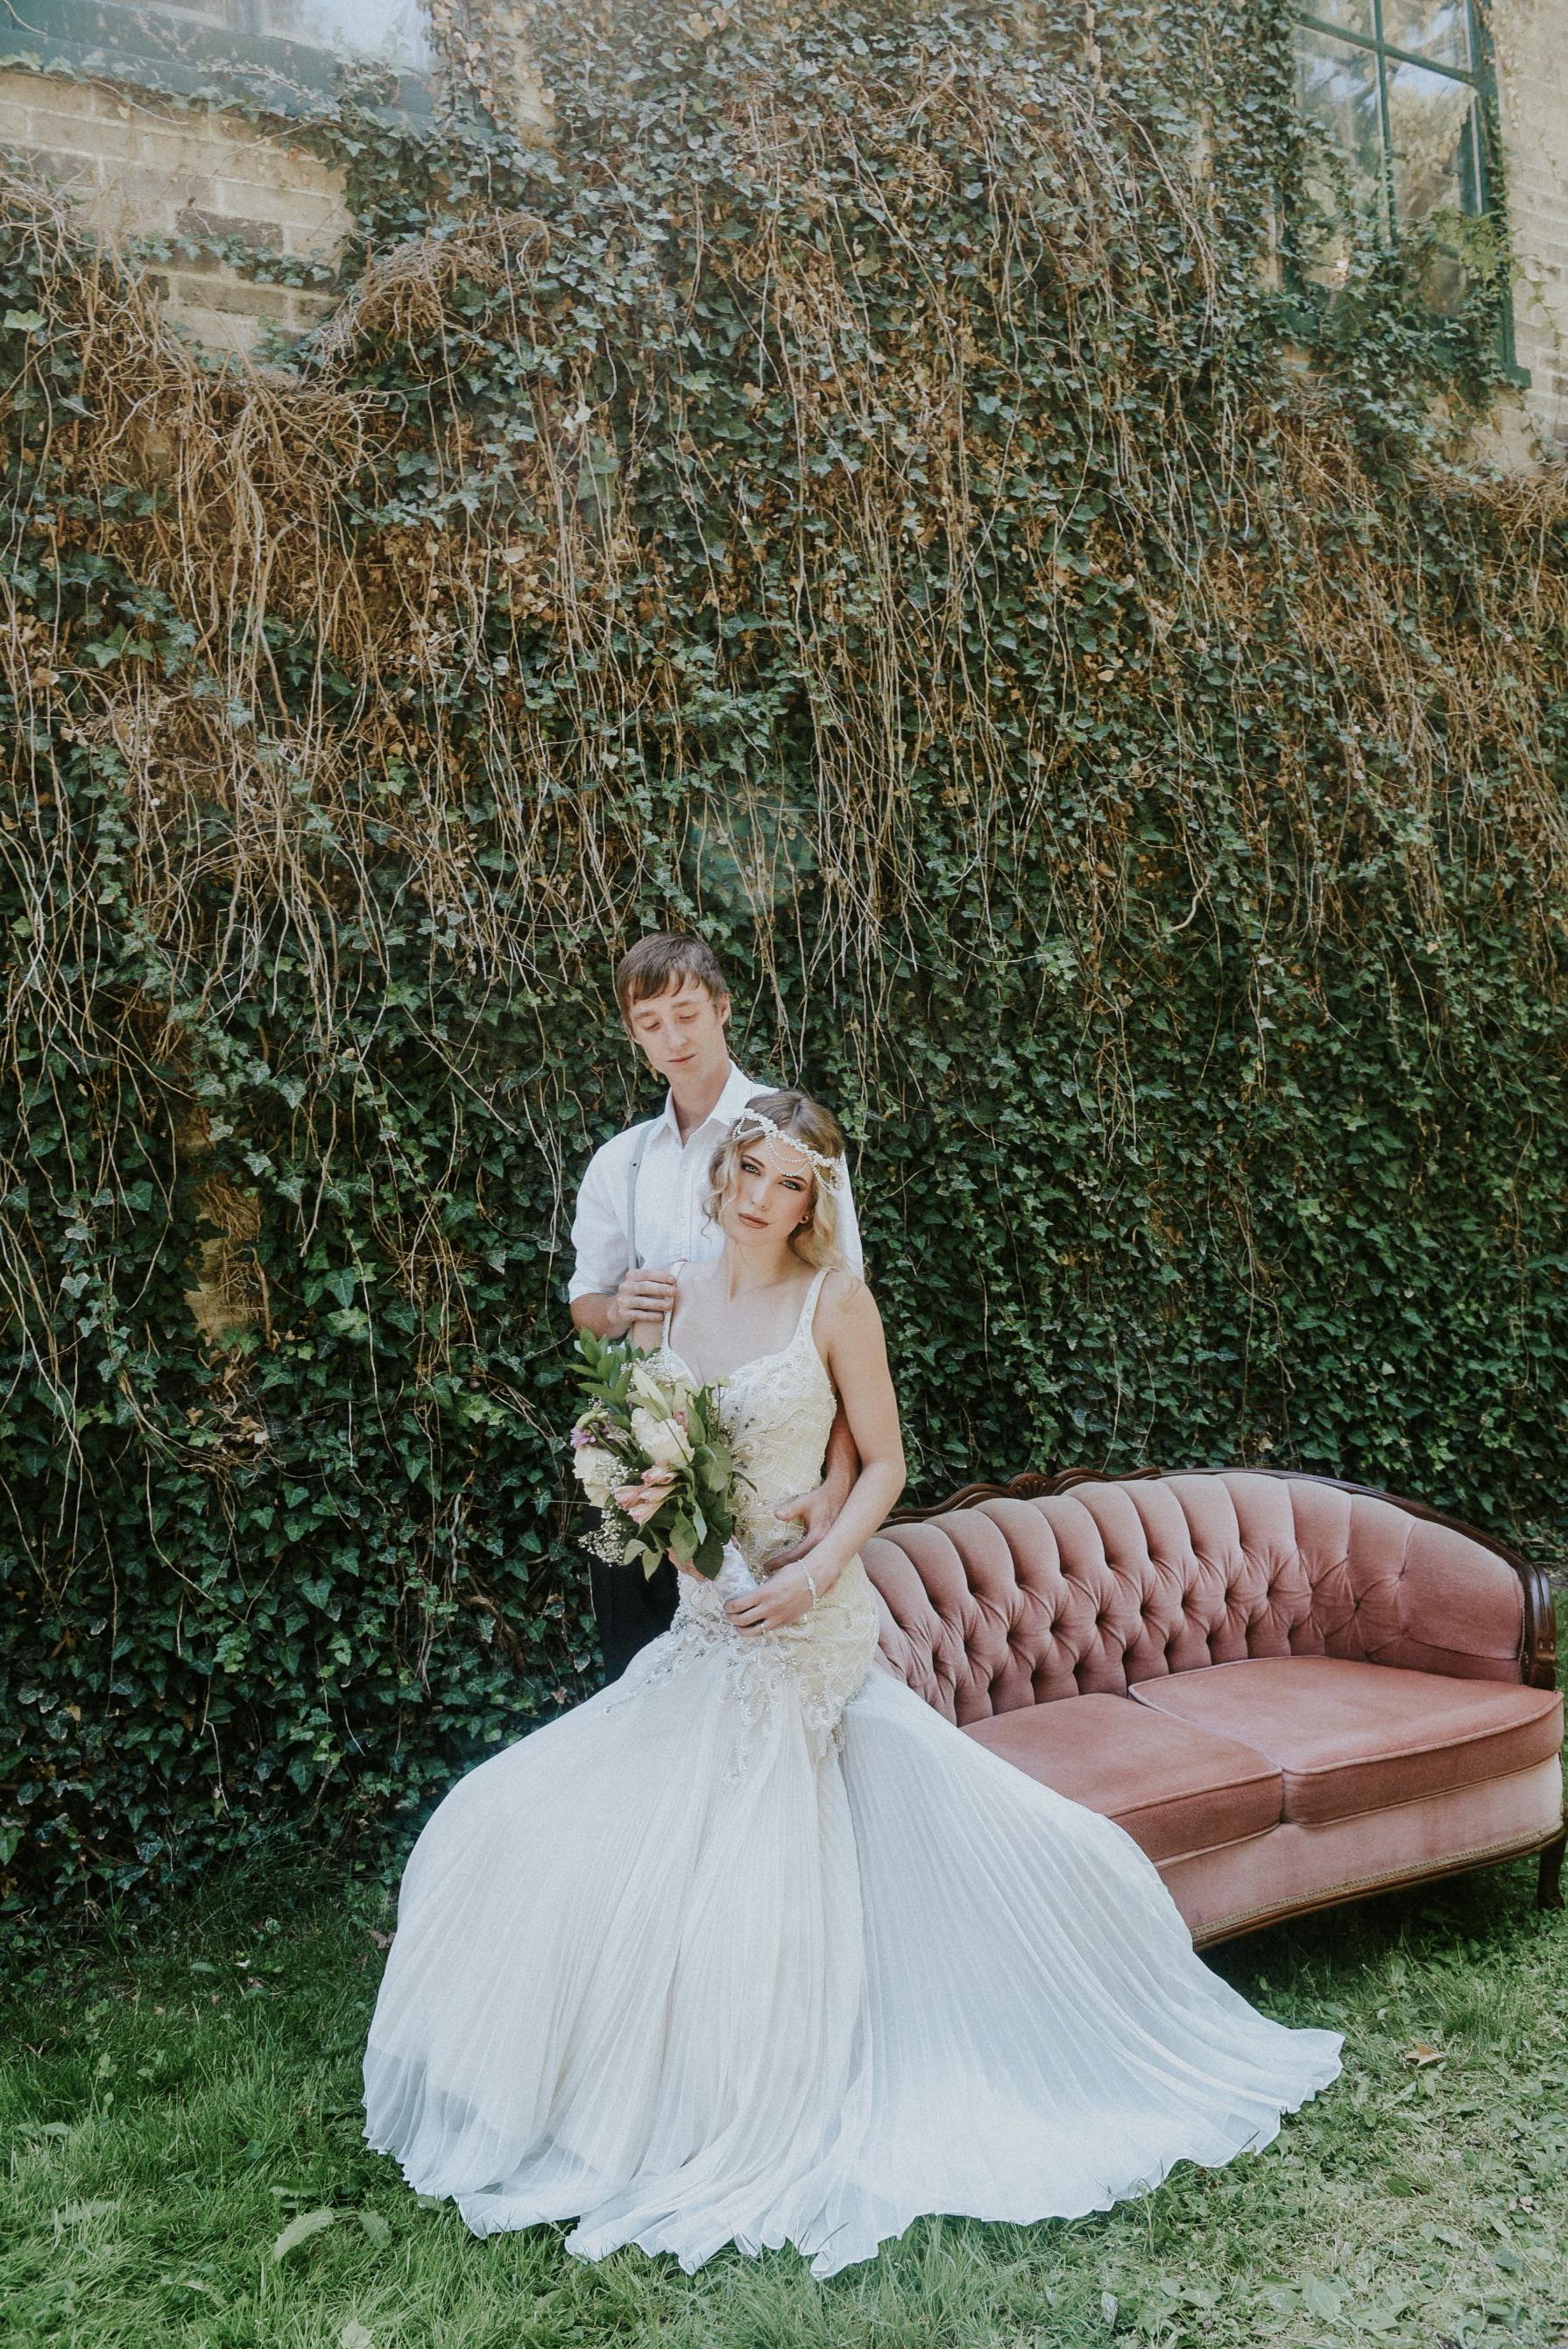 Pearl beaded wedding dress pink velvet sofa styled shoot